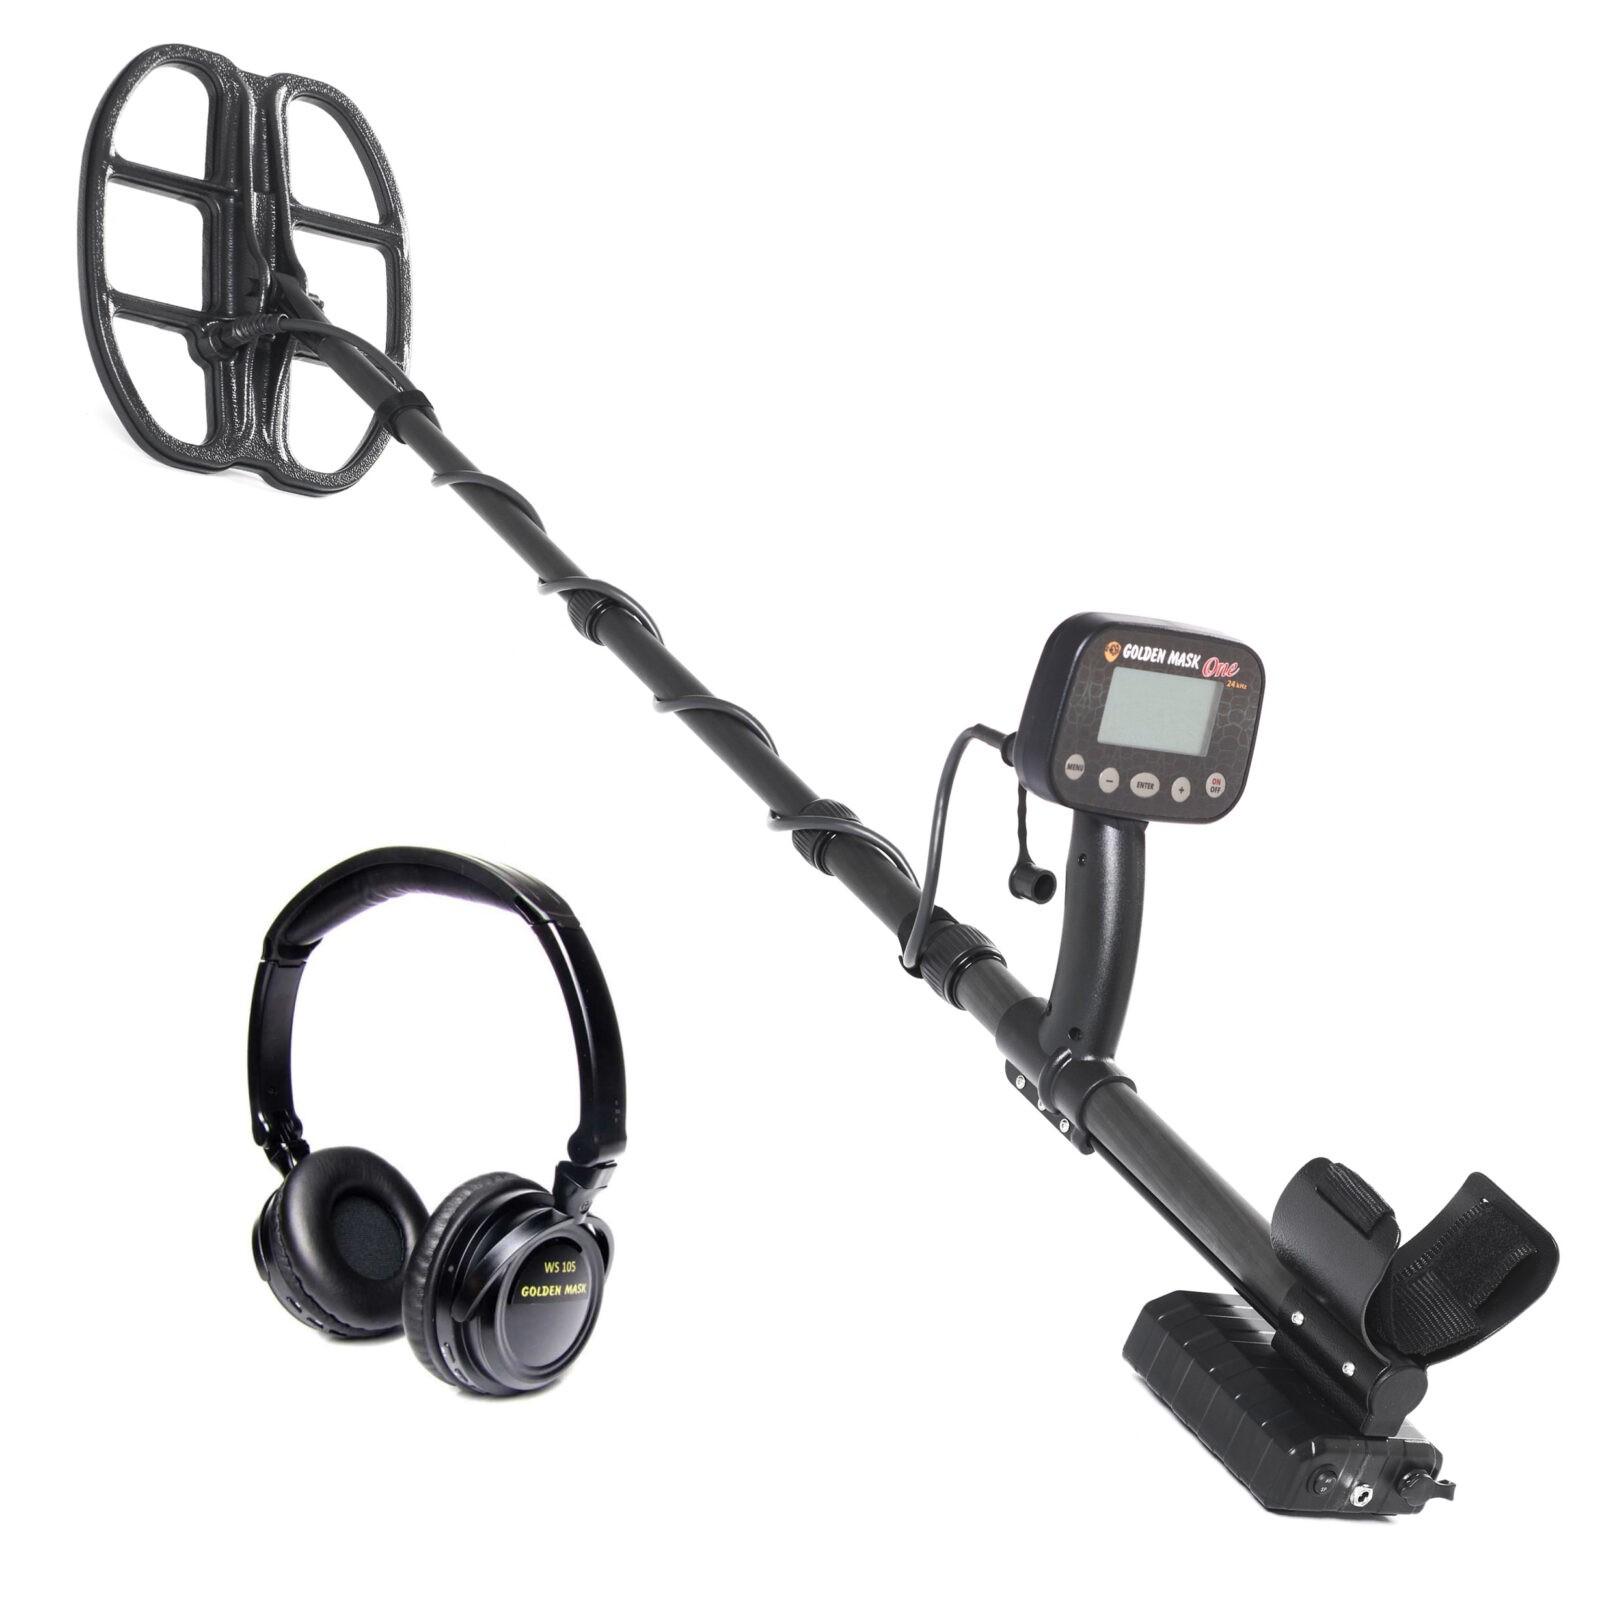 Металдетектор Golden Mask One 8kHz с безжични слушалки